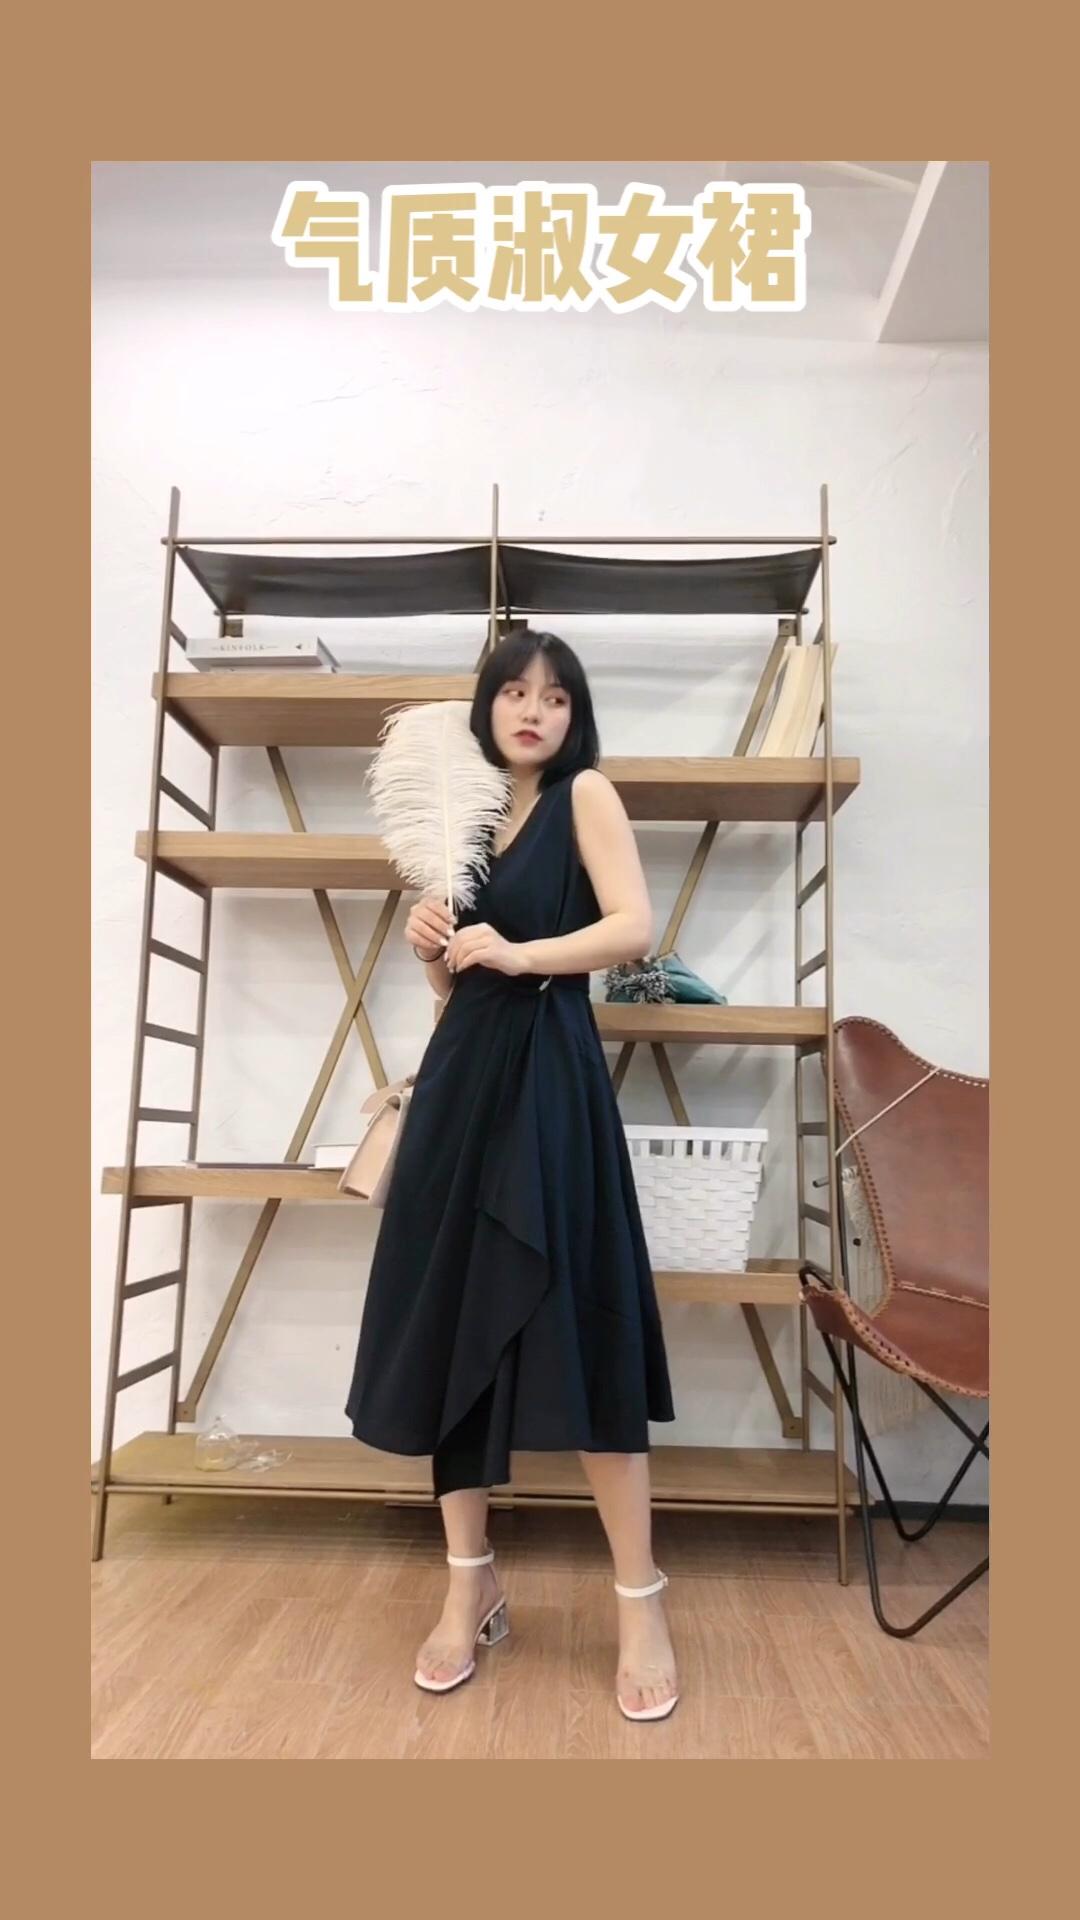 #7月穿什么?新裙裙已备好!# 裙子:minette 包包:star town 这条裙子比较偏向职业风有点轻熟的感觉 腰部的圆圈和褶皱设计显得非常有质感 整体来看是非常显精神气的一款裙子 而且非常显瘦哦 通勤穿肯定不出错